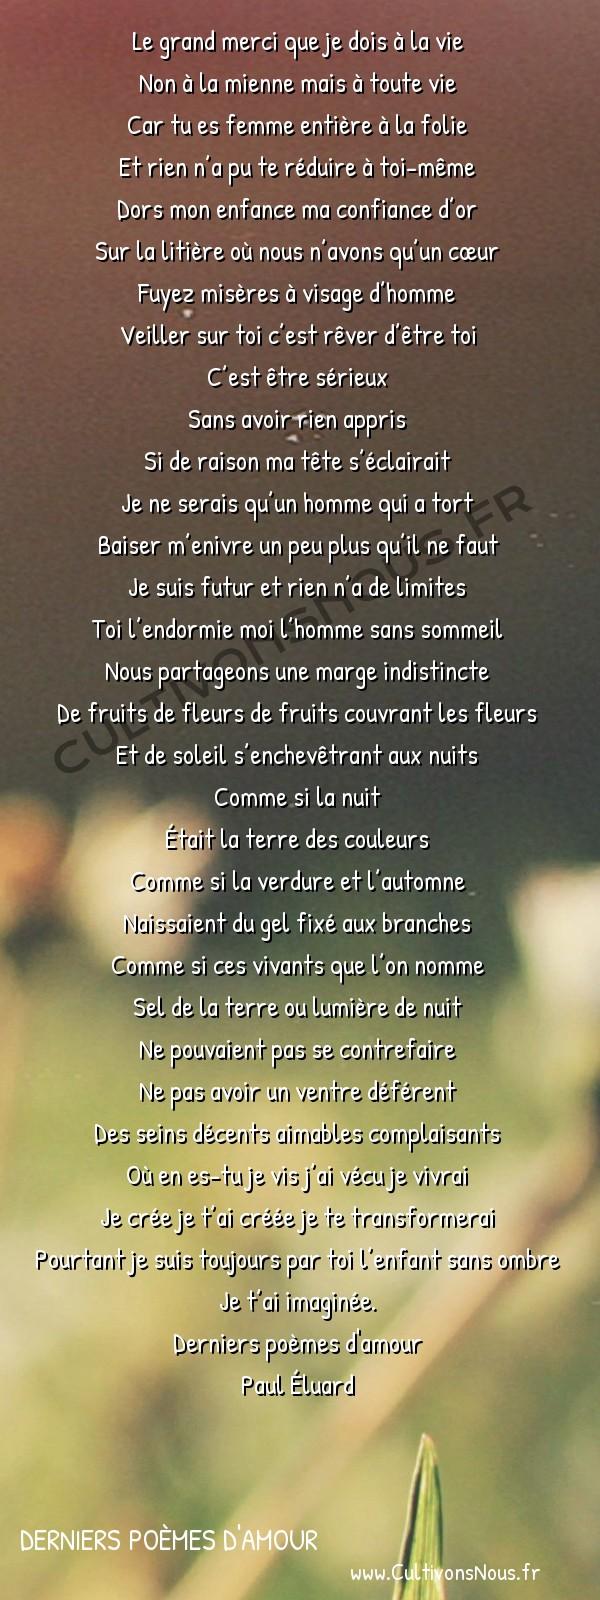 Poésie Paul Eluard - Derniers poèmes d'amour - Je t'ai imaginée -  Le grand merci que je dois à la vie Non à la mienne mais à toute vie